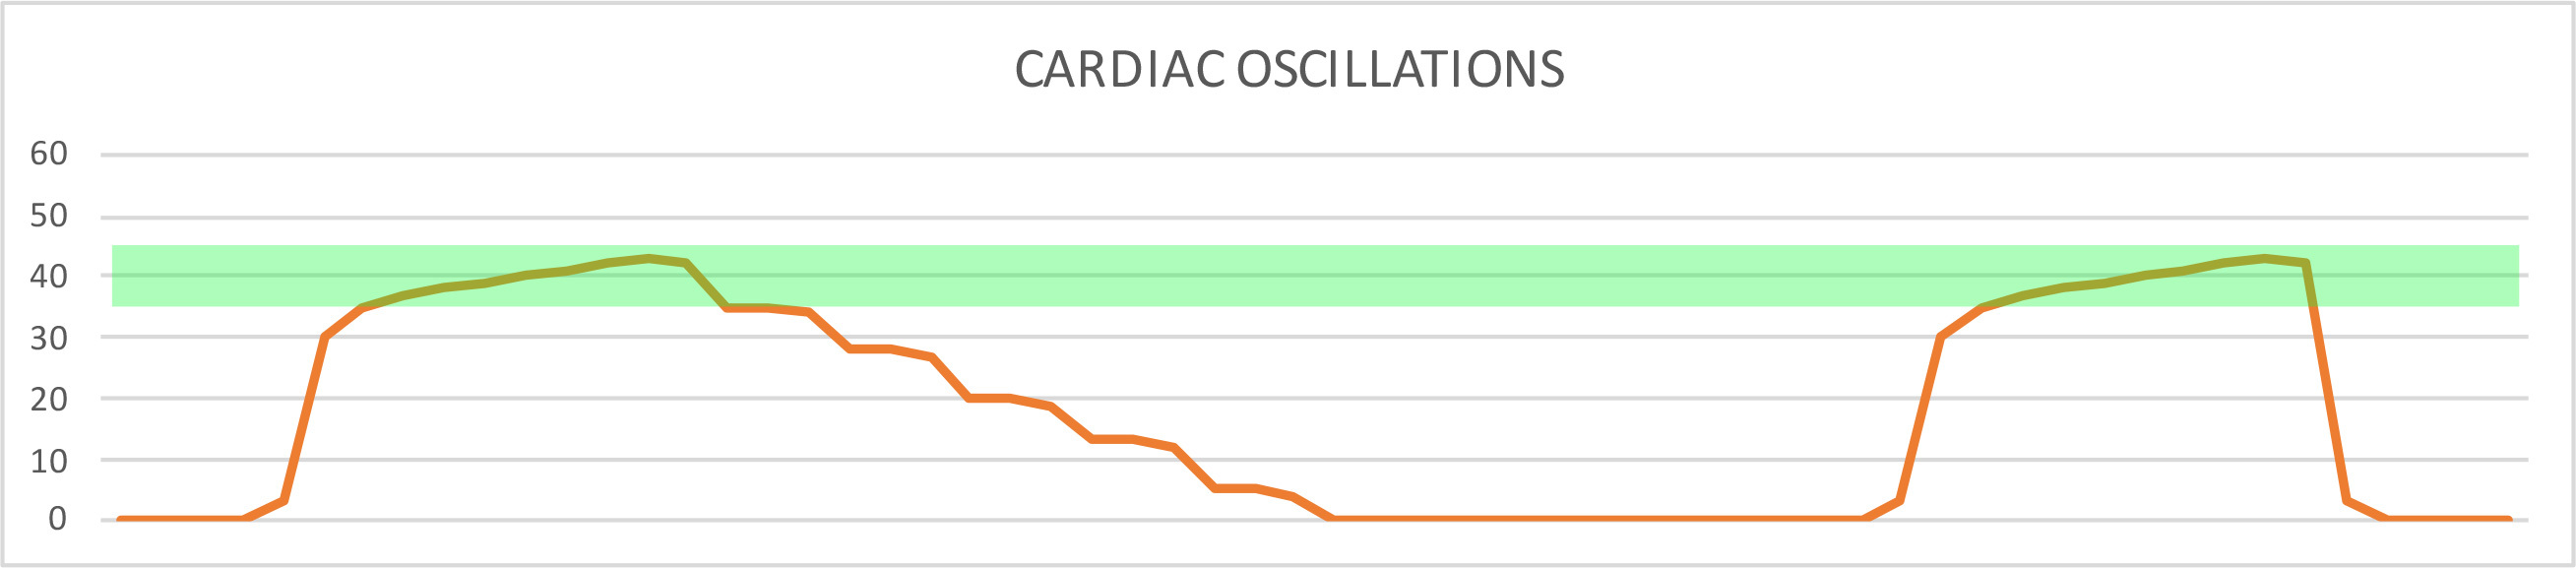 cardiac-oscillations.jpg#asset:3111